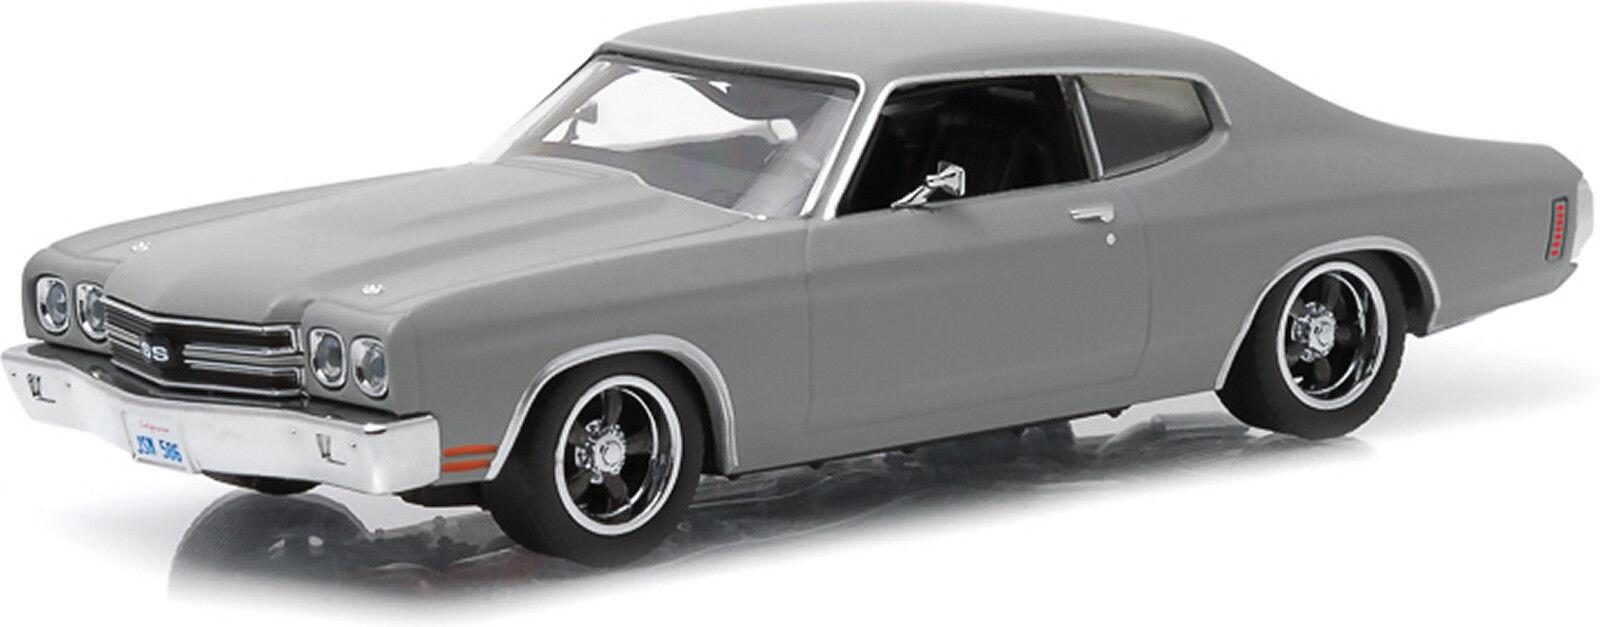 Snabb och ilsken - Dom's 1970 Chevrolet Chevelle SS - 1 43 skala grönljus